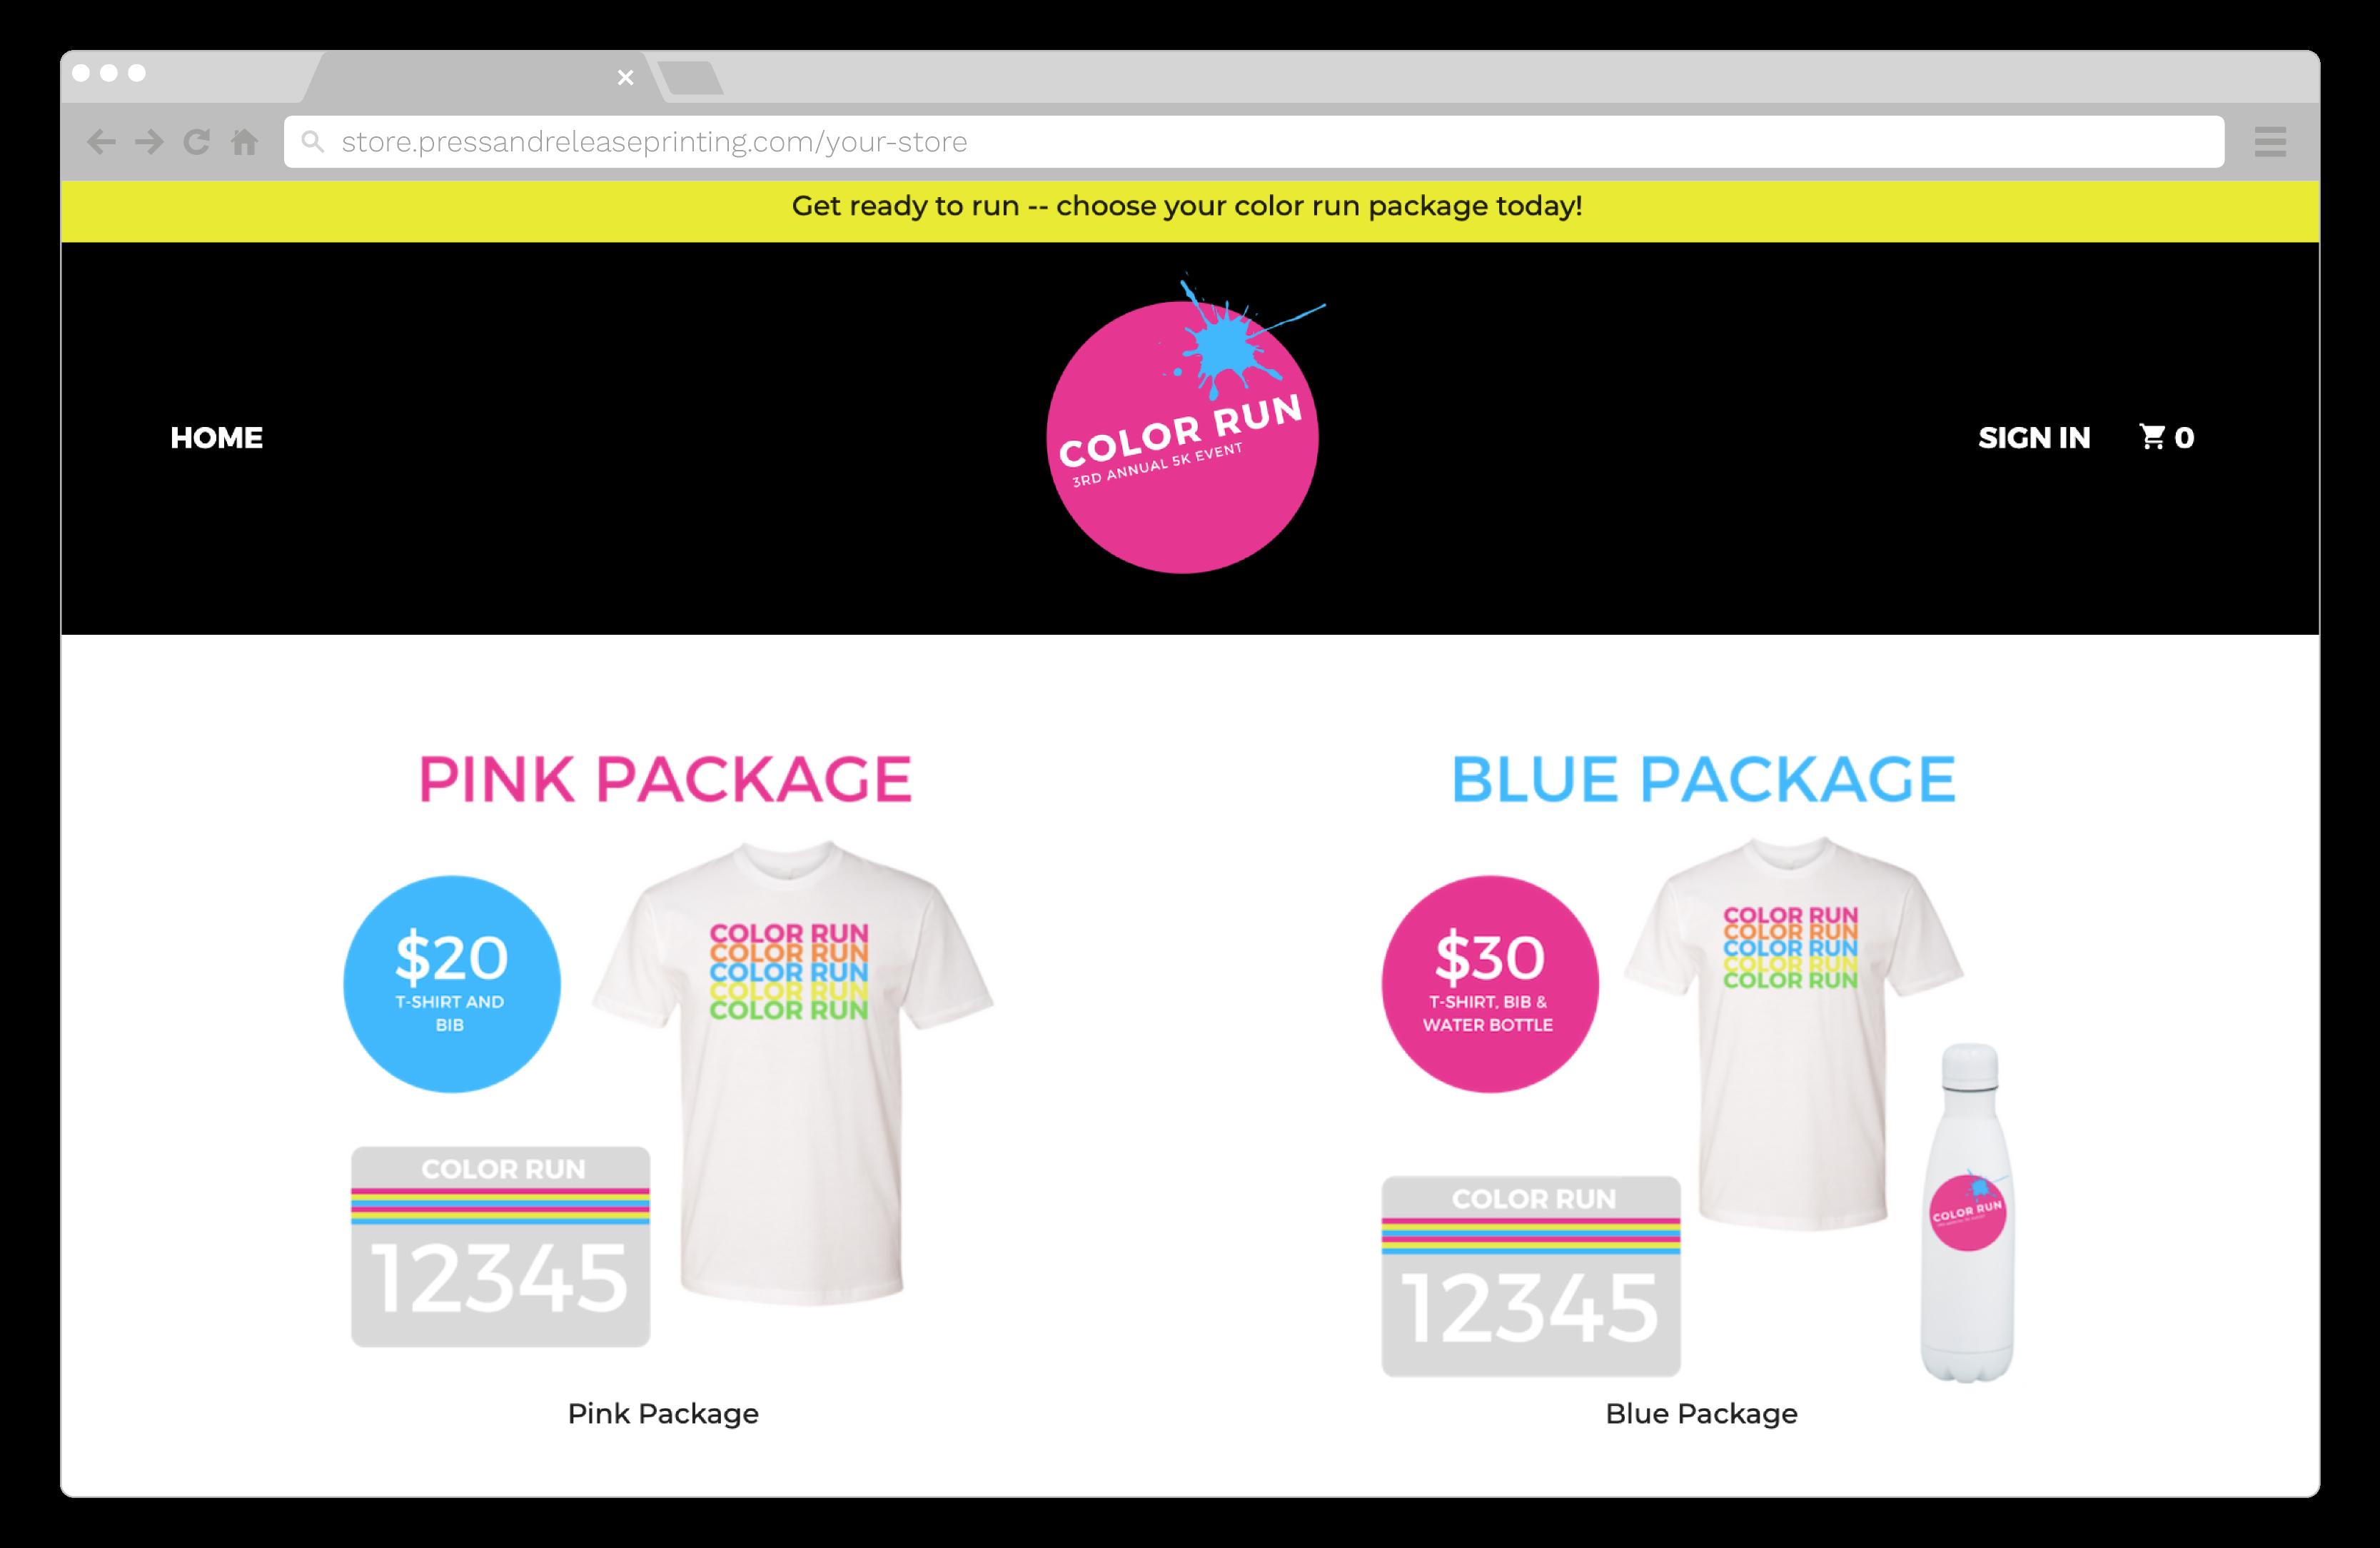 A screenshot of an online store for a 5k fun run